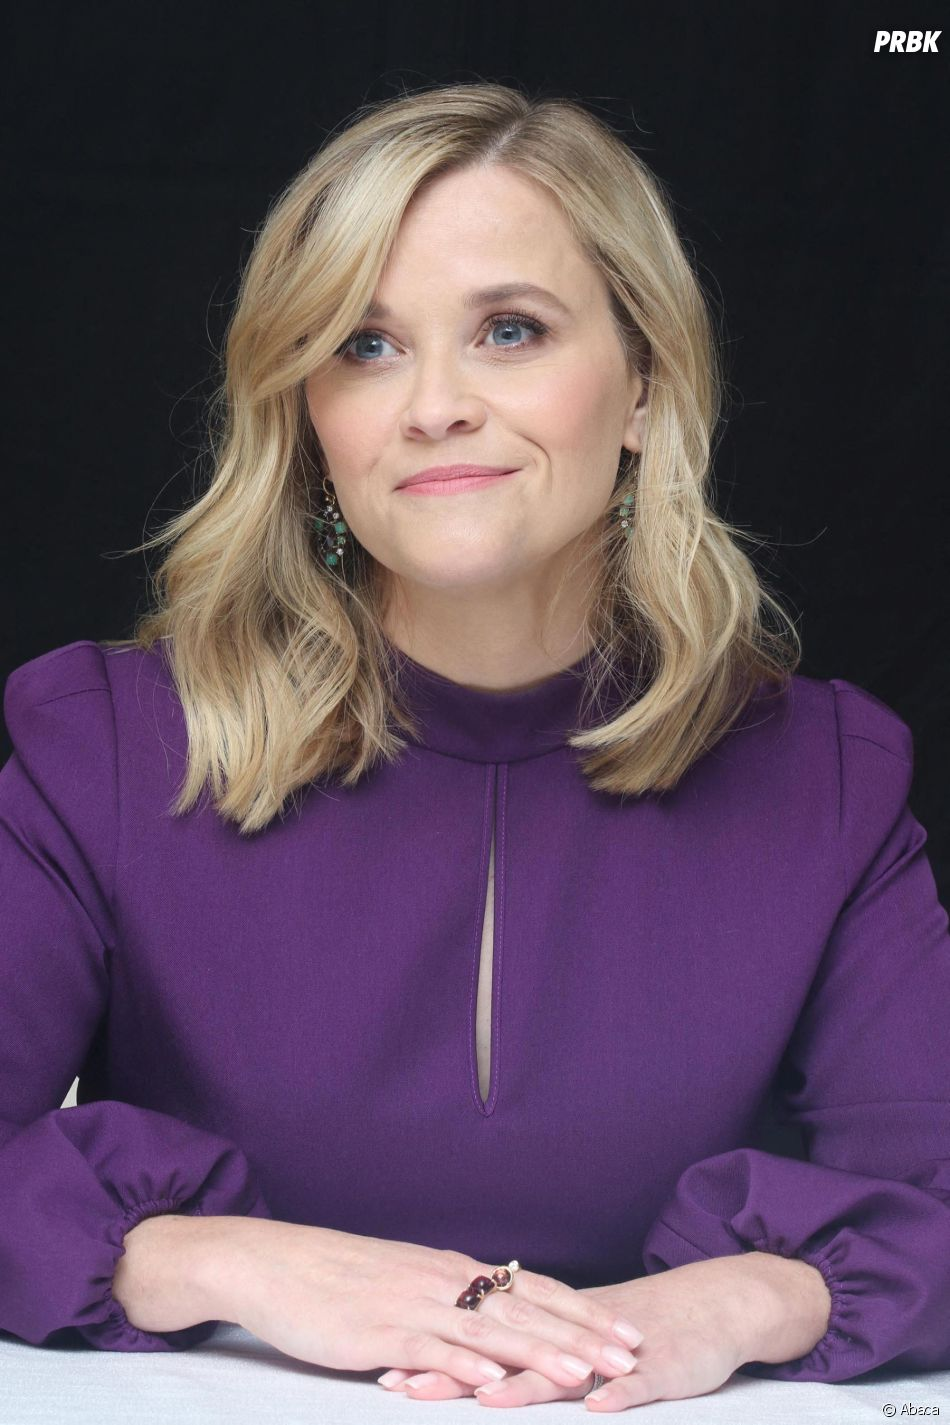 Reese Witherspoon : 35 millions de dollars gagnés entre juin 2018 et juin 2019